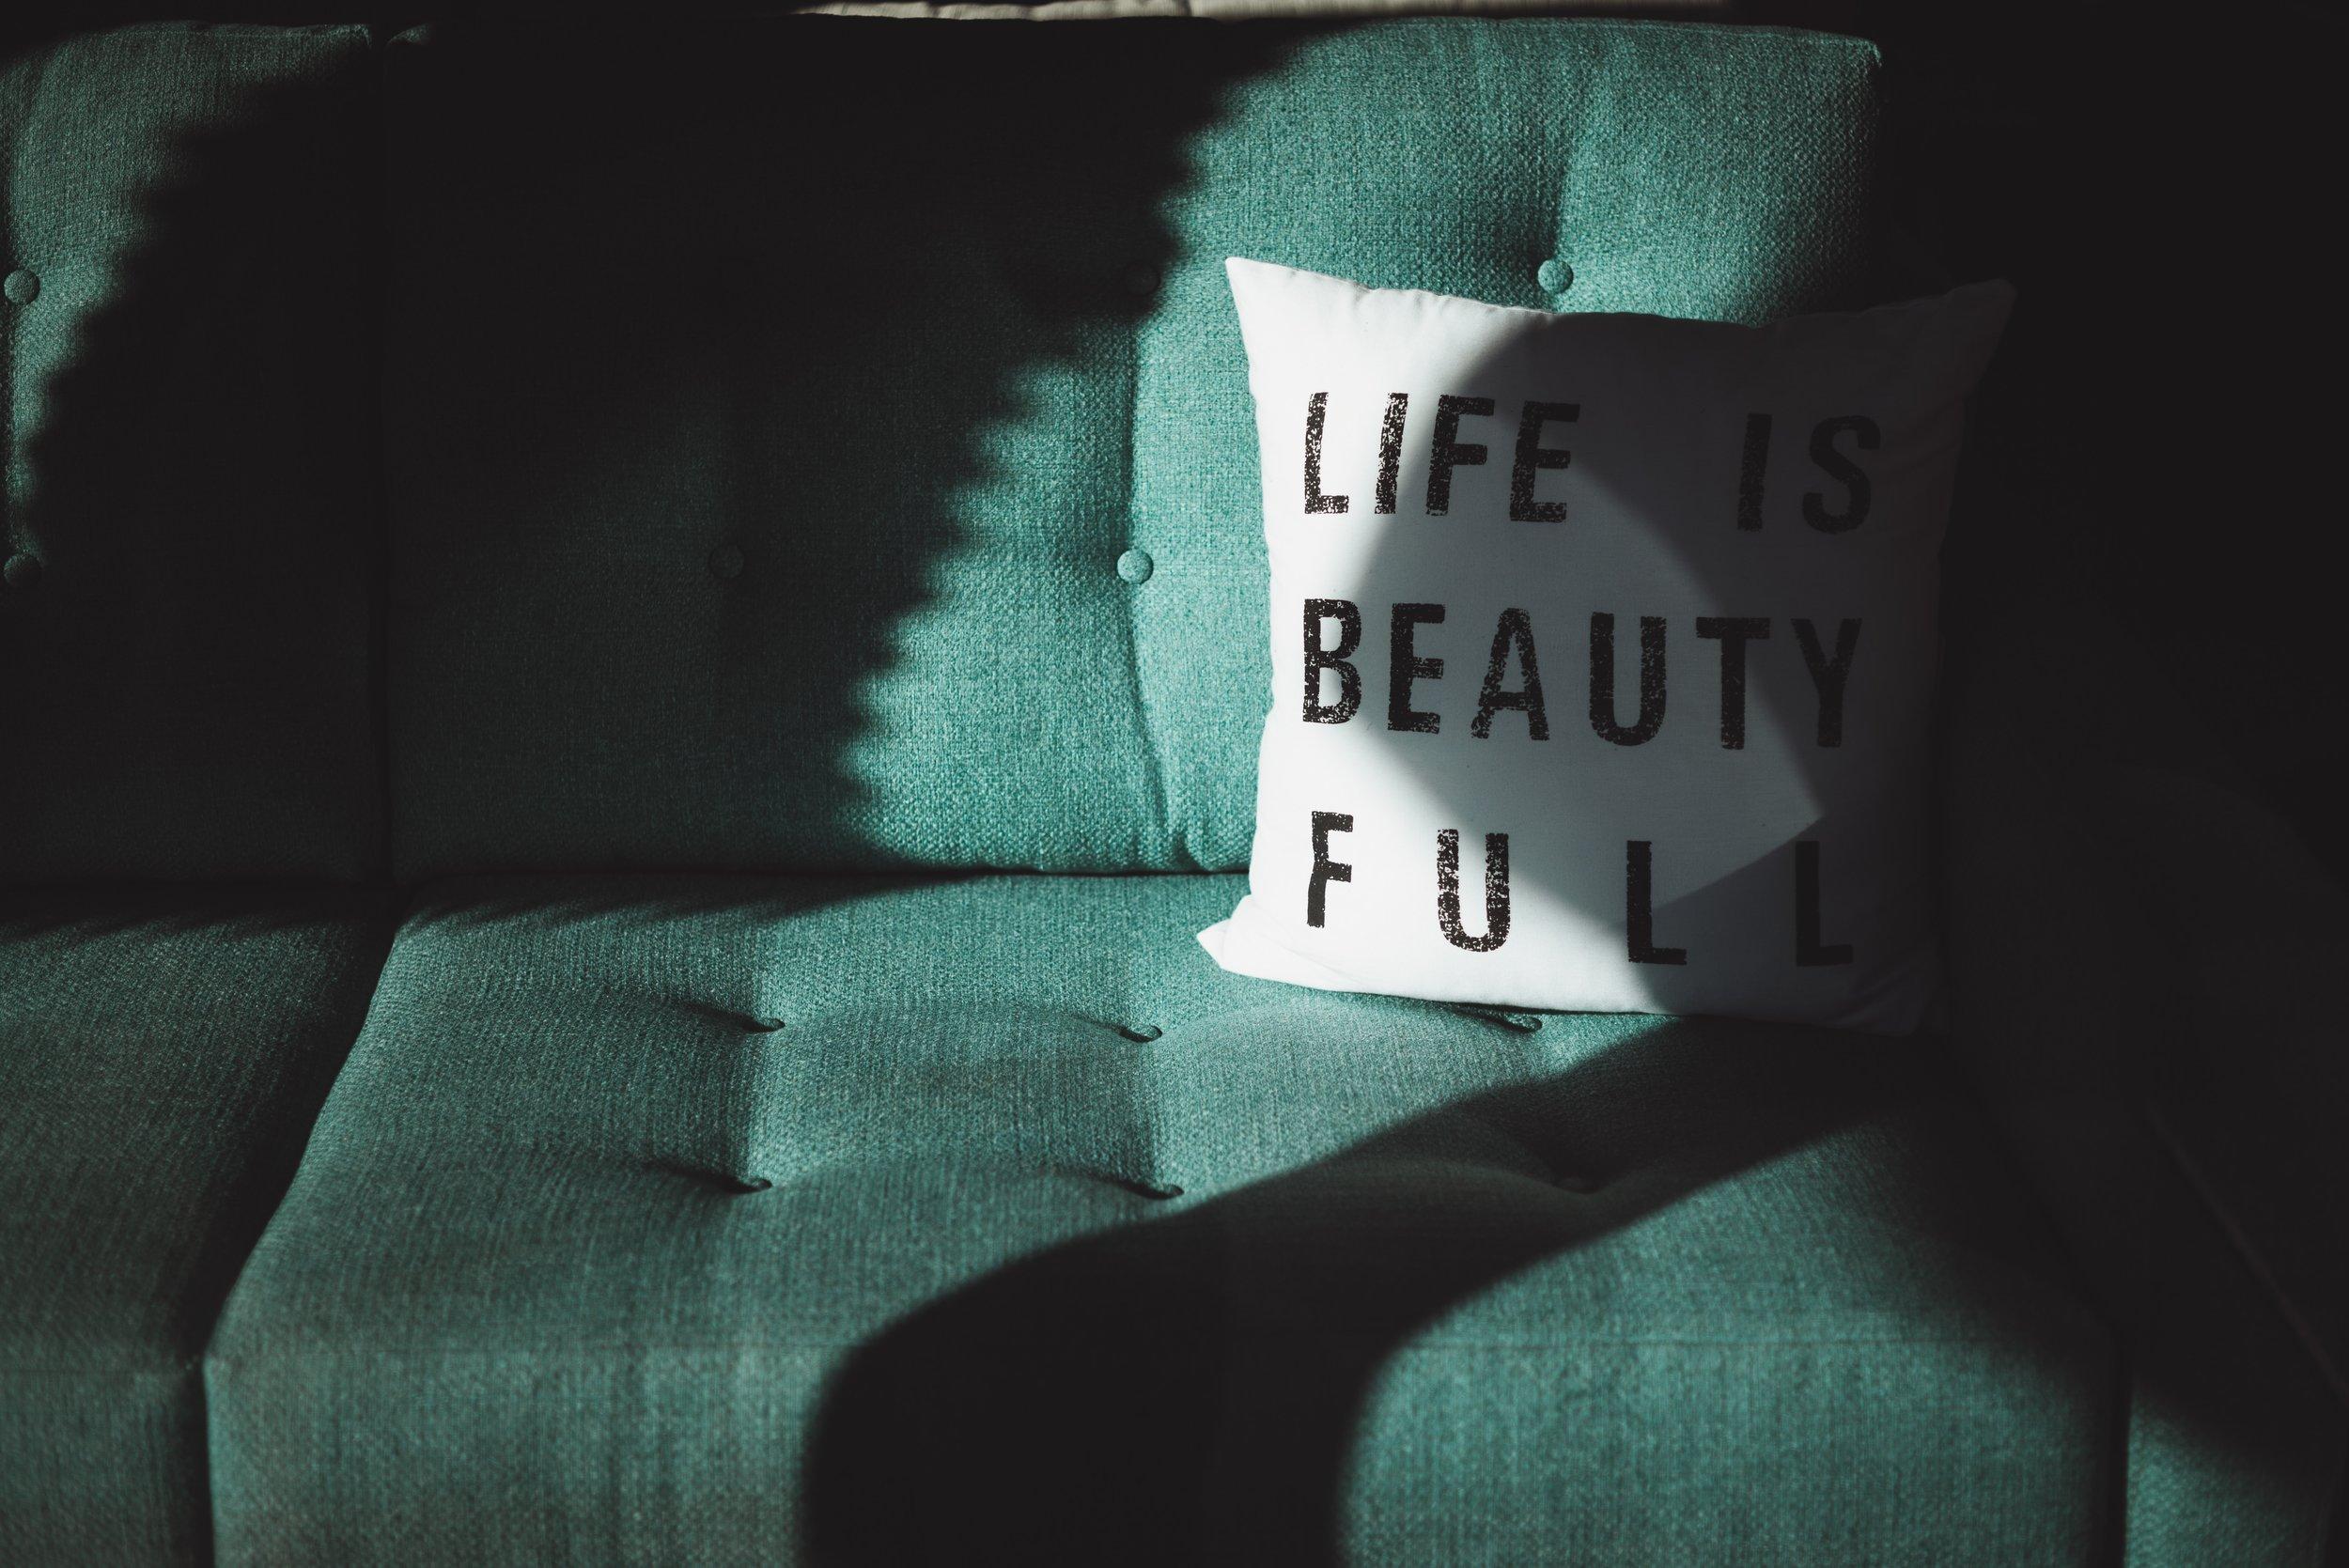 Life is Beauty Full.jpg